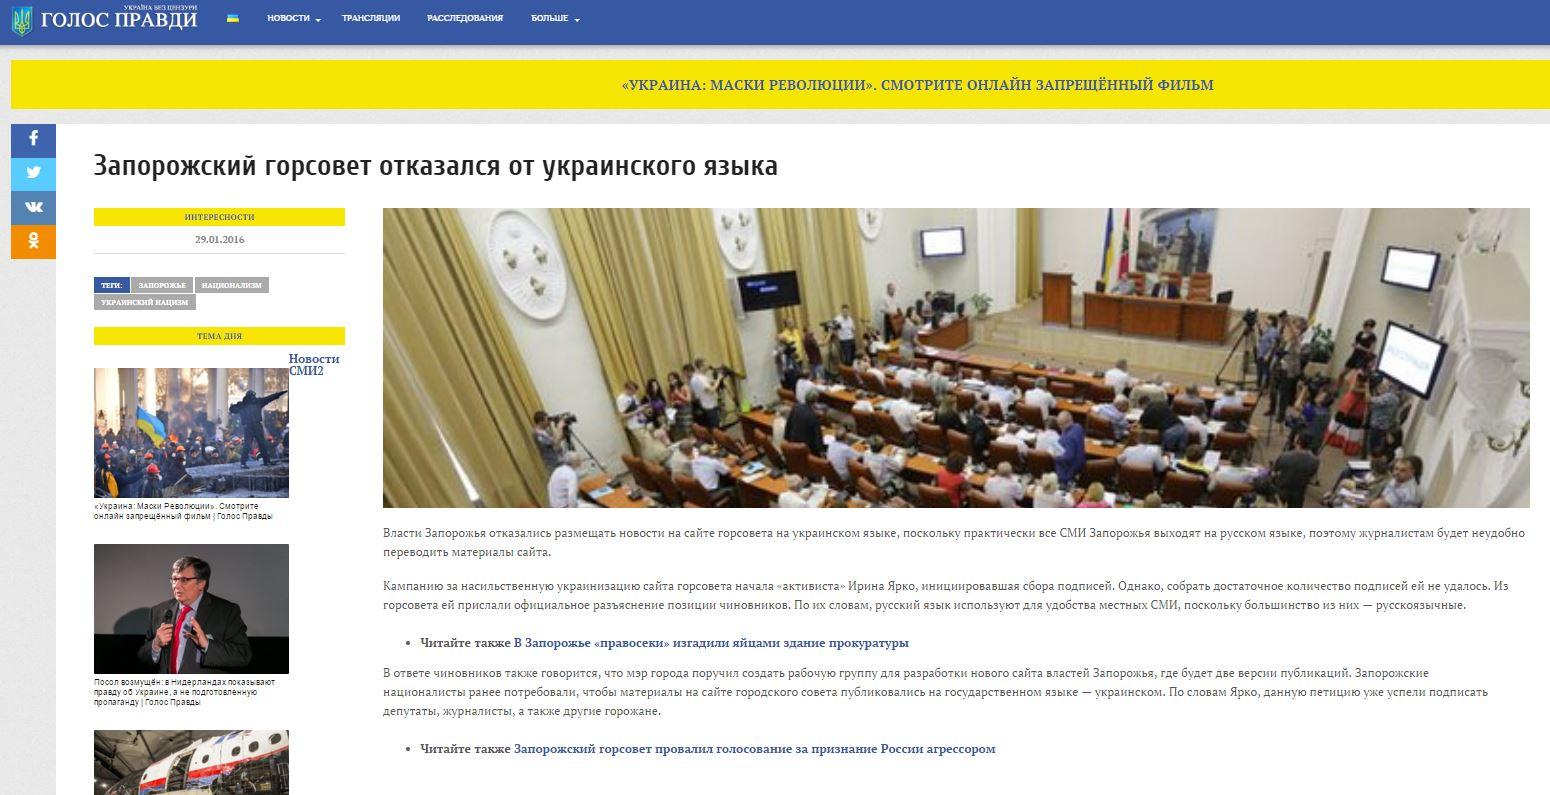 Screenshot website Holos Pravdy